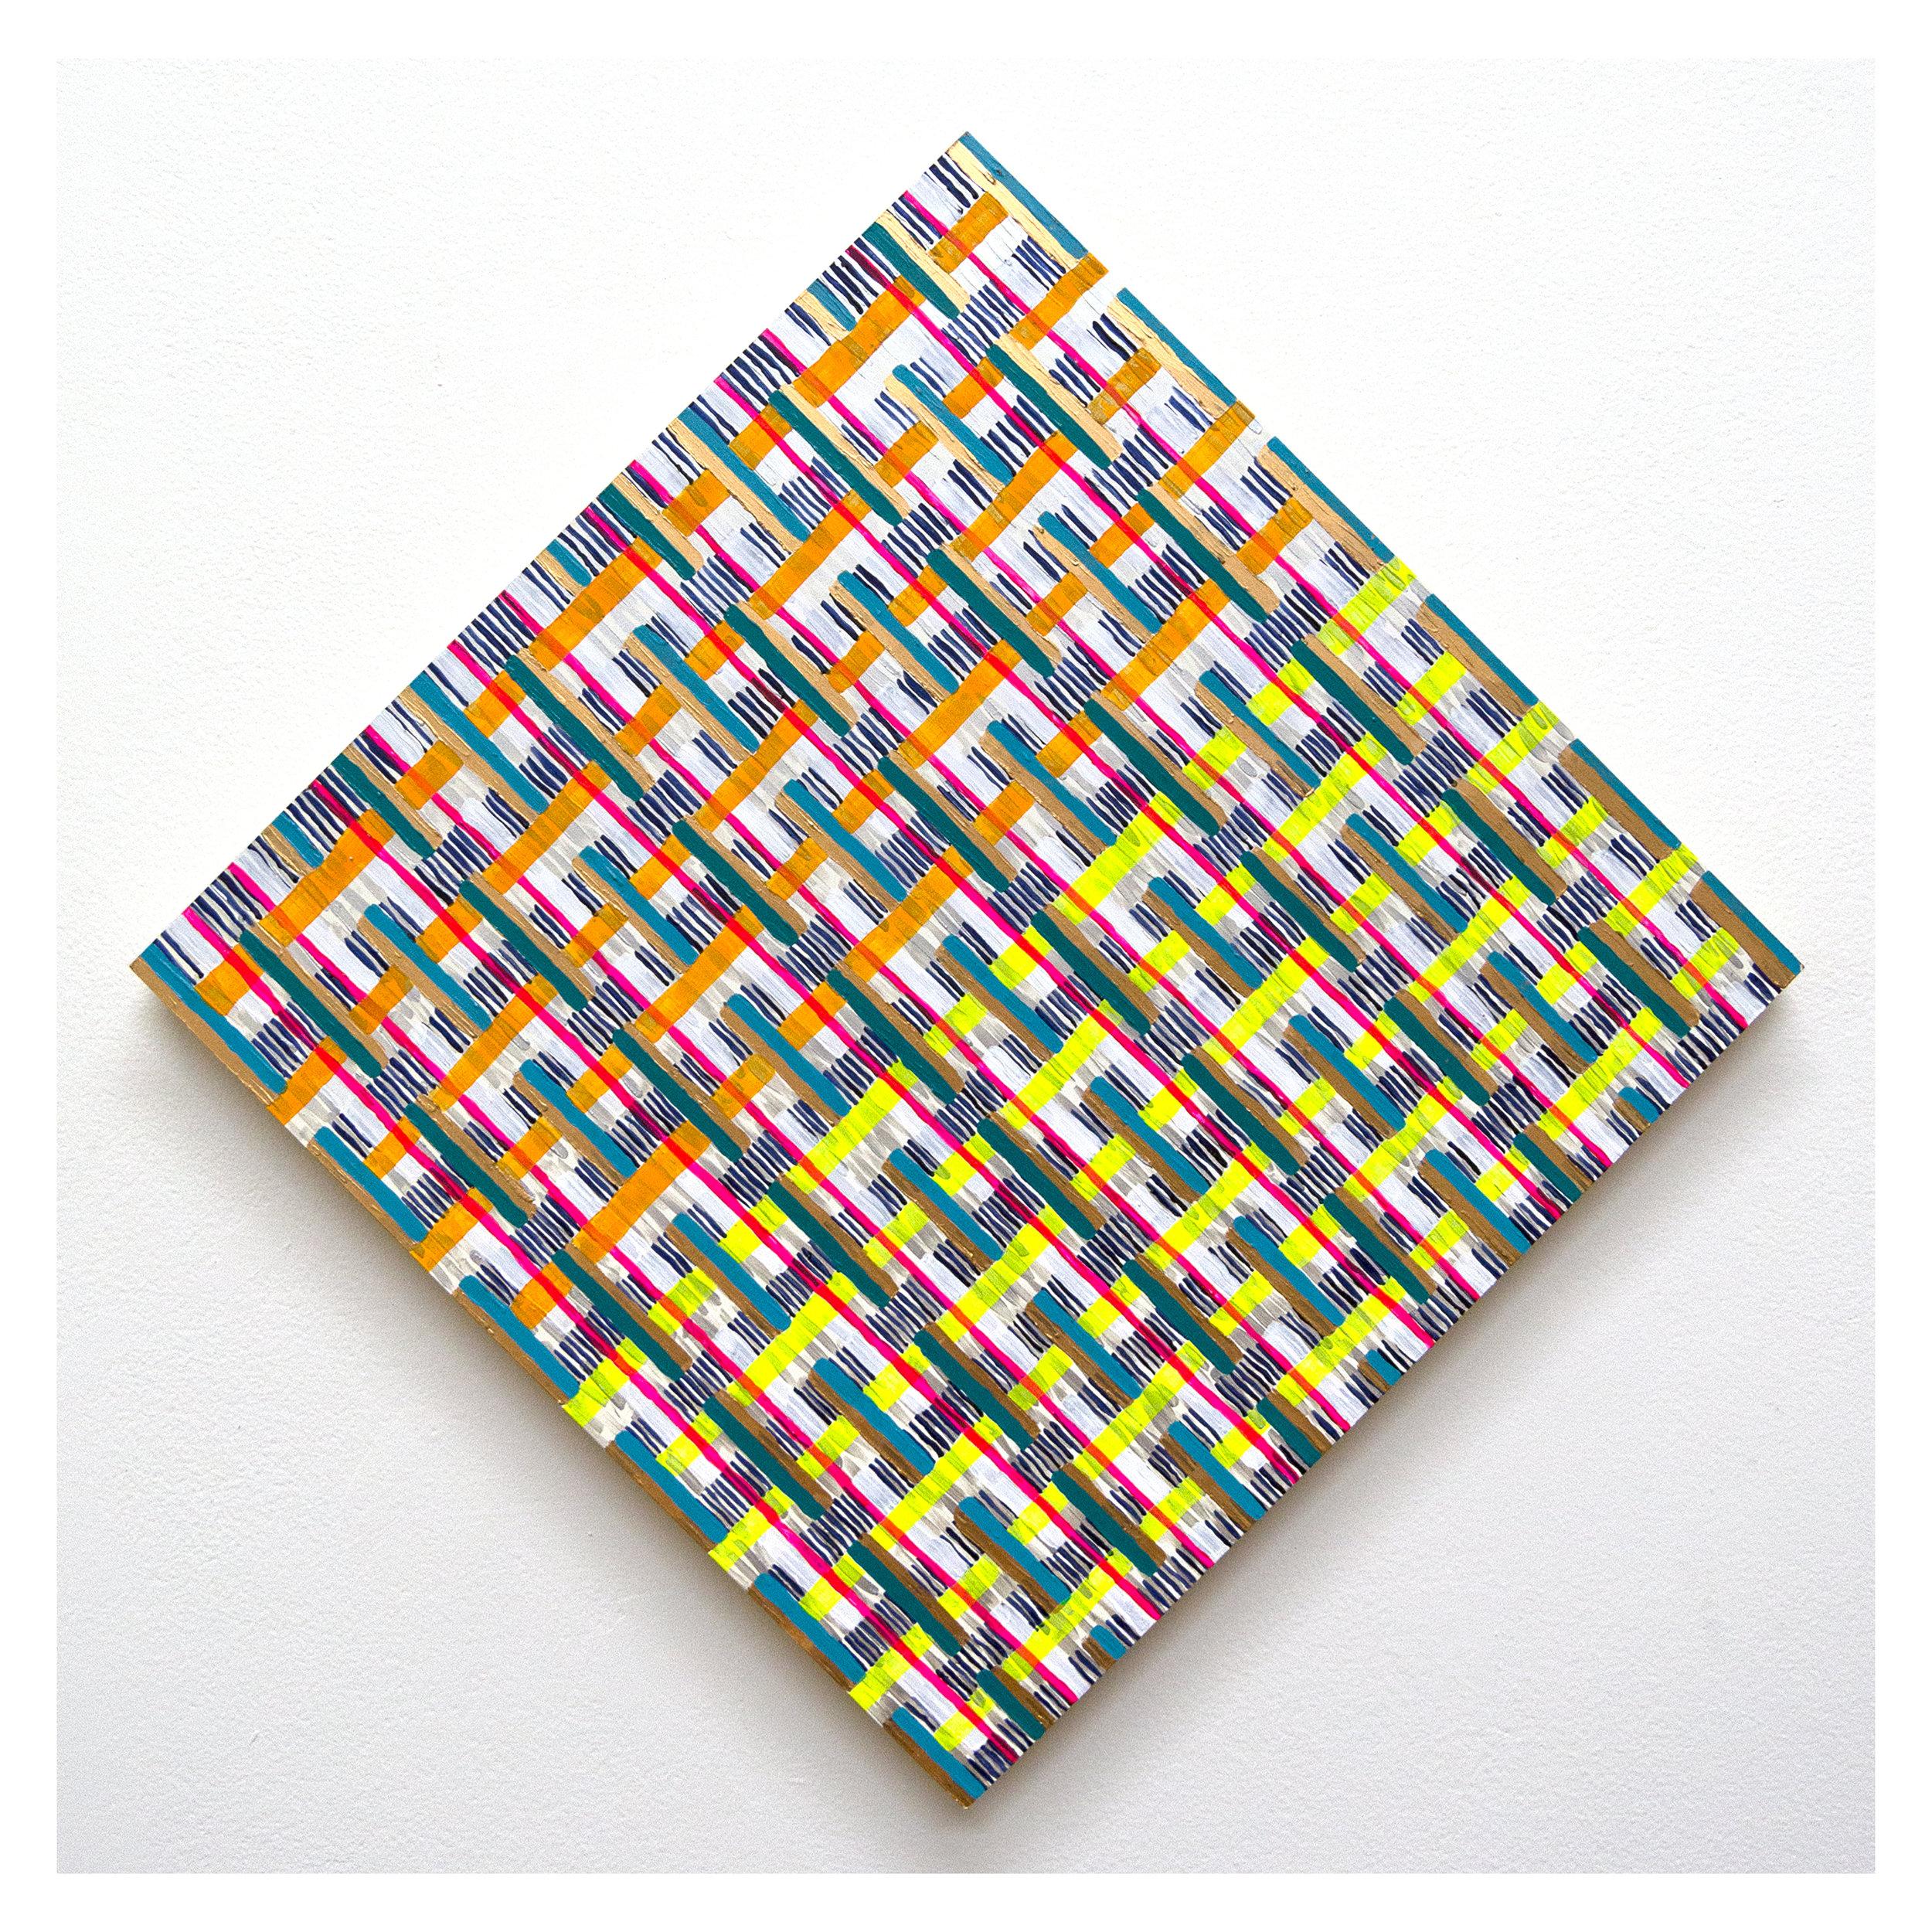 Uptown Woogie Boogie (For Mondrian), 2015